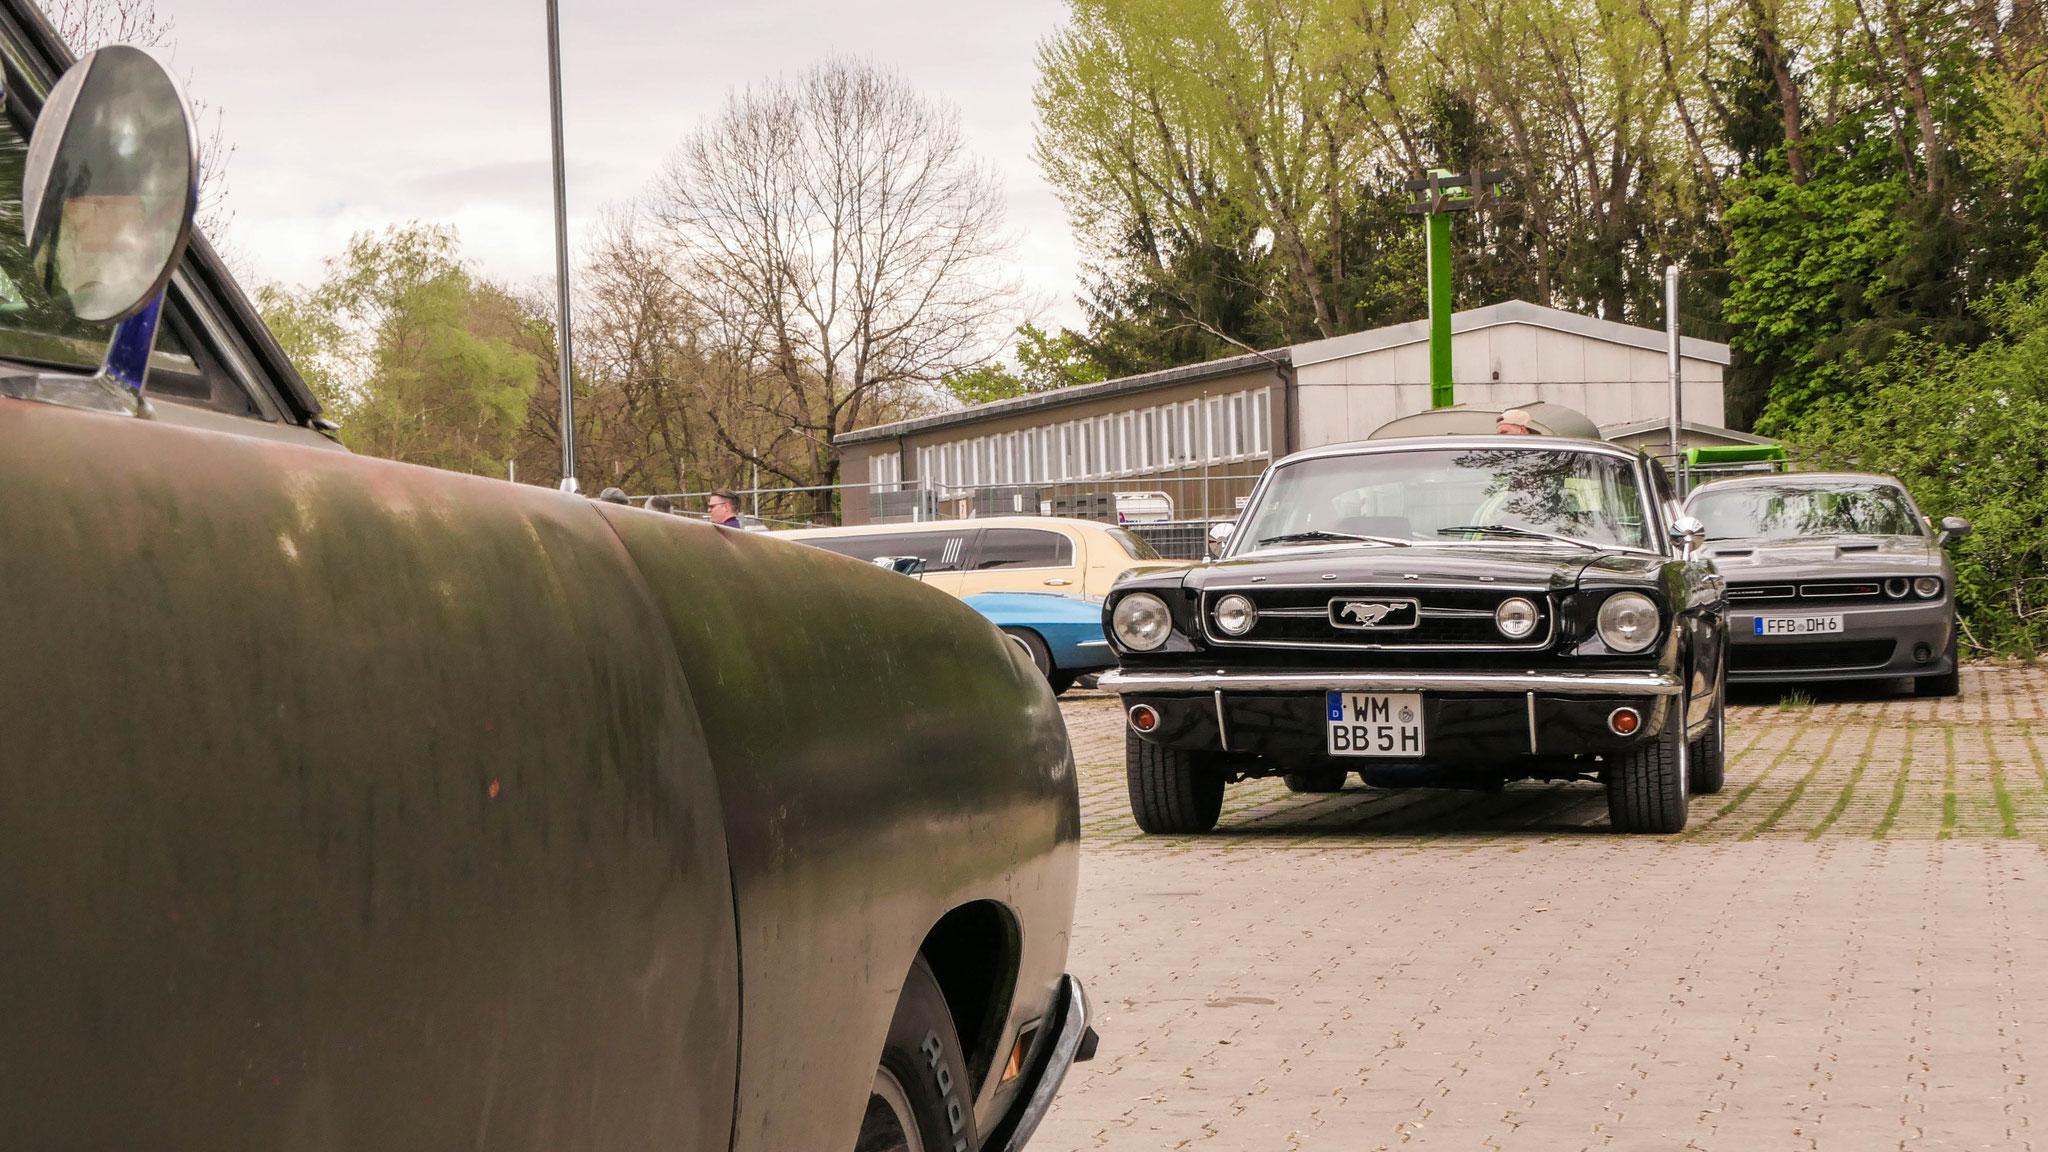 Mustang I - WM-BB-5H